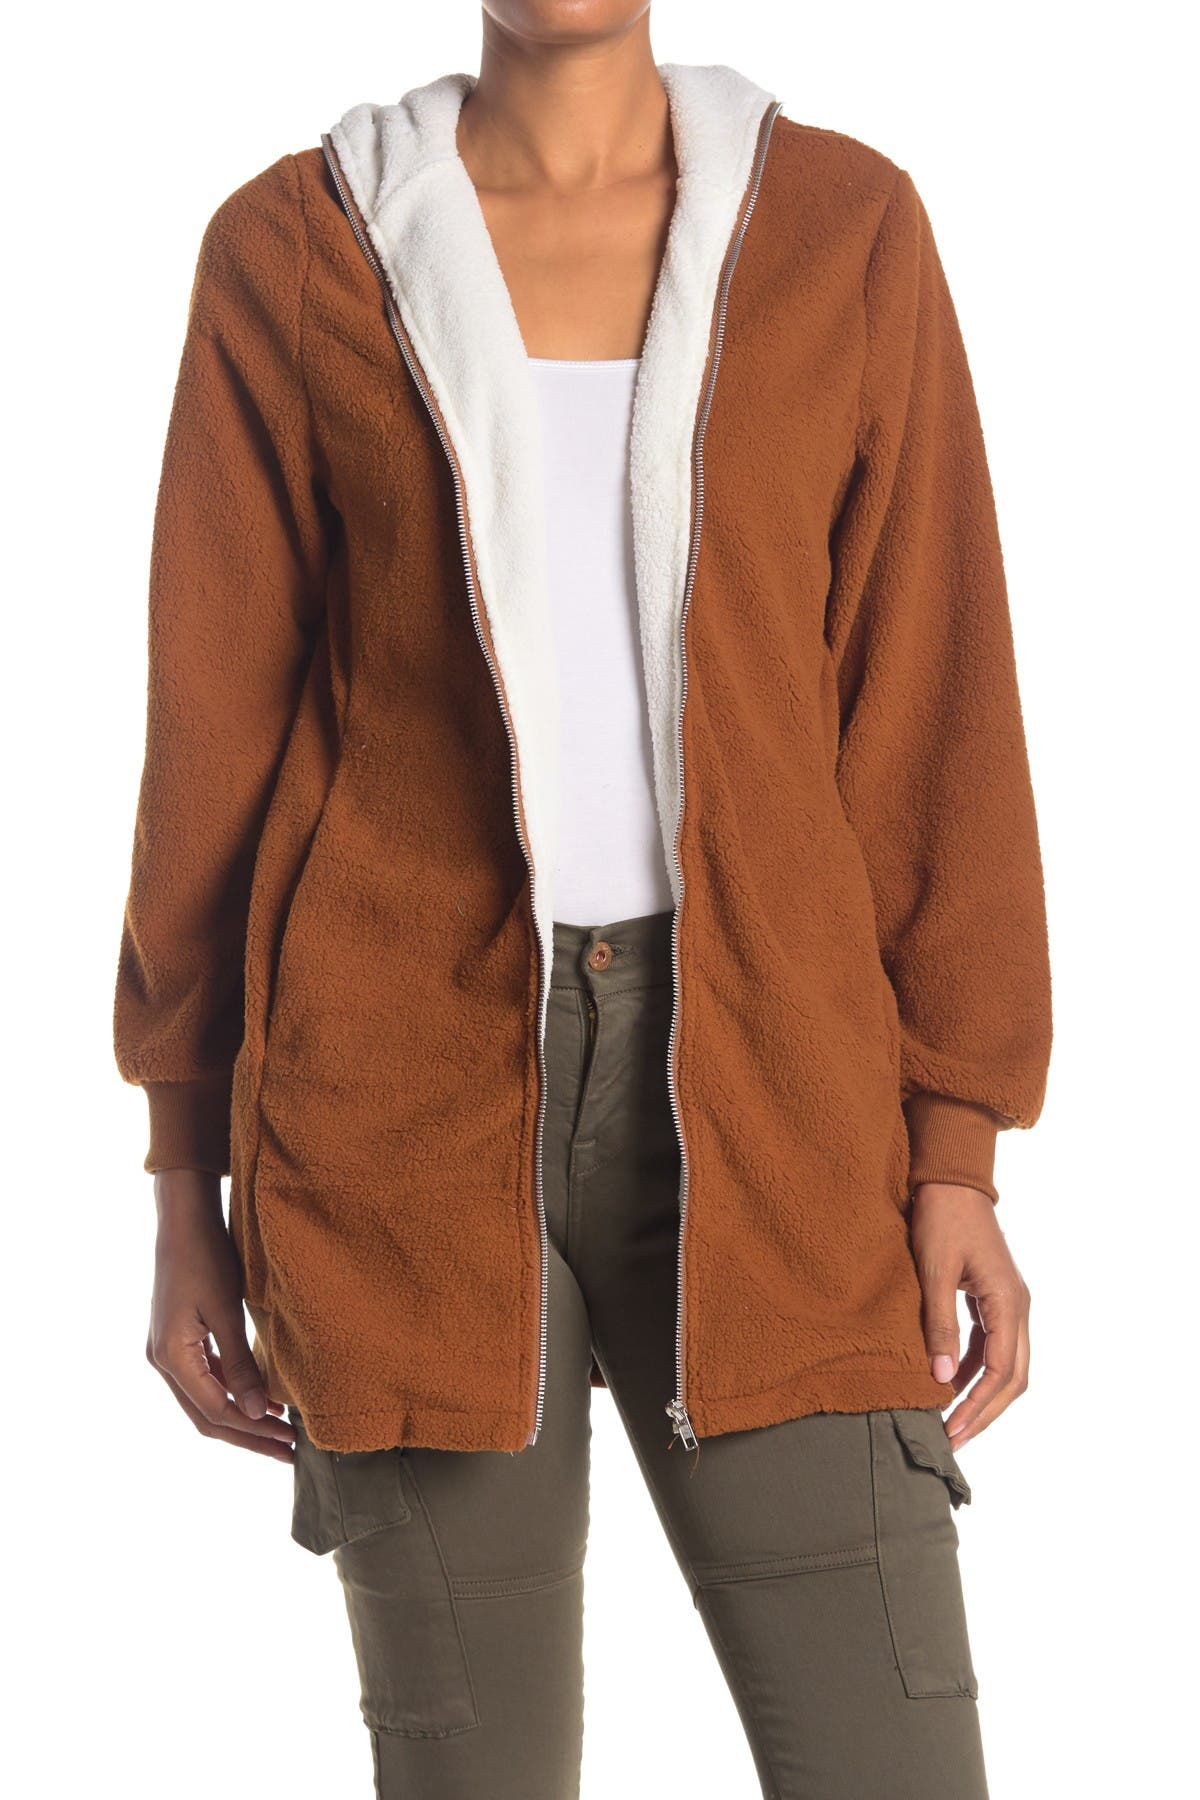 Image of Forgotten Grace Contrast Zip Front Hood Jacket